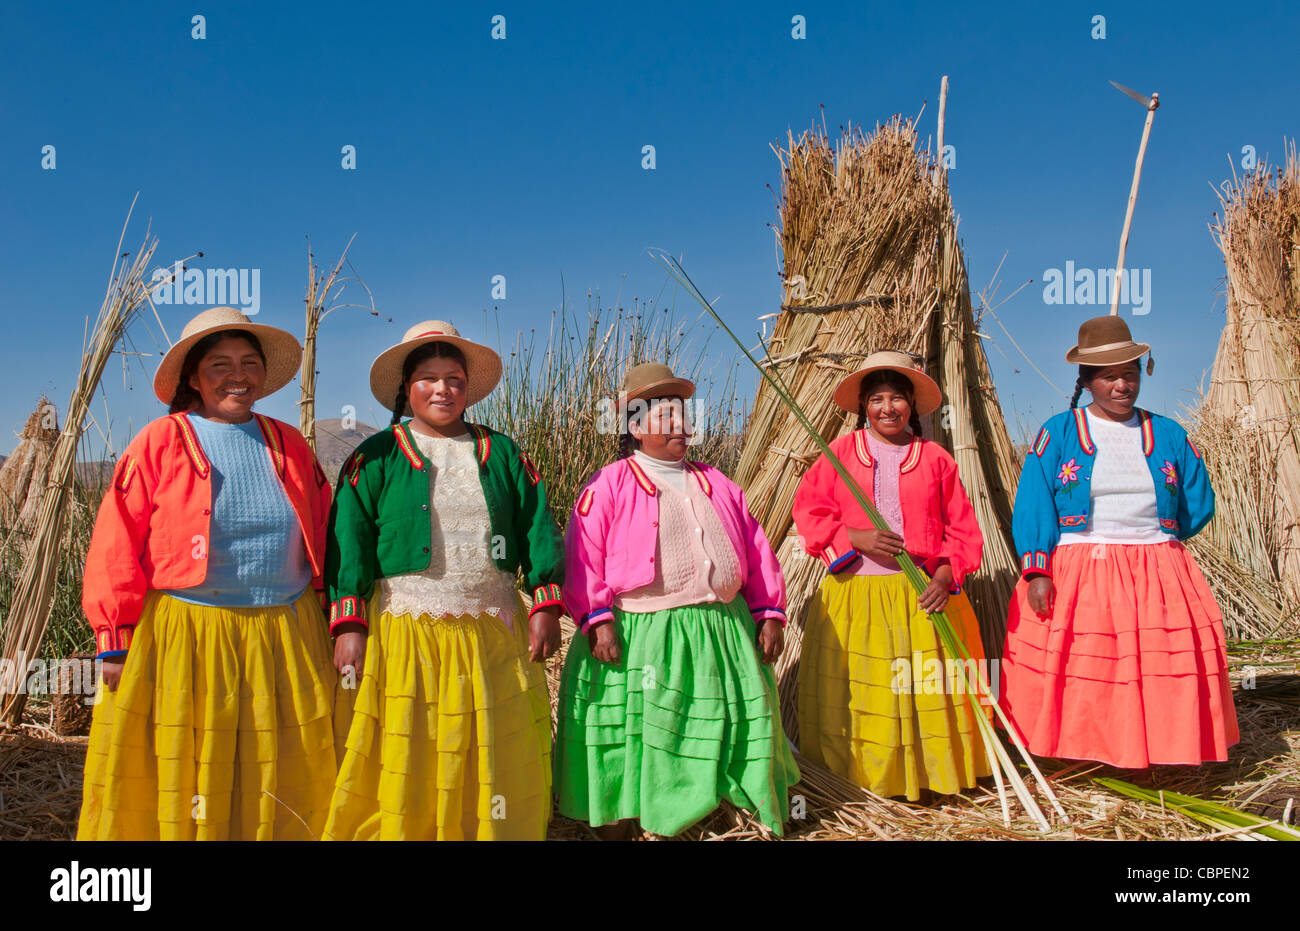 Lago Titicaca Perú con mujeres locales tradicionales de la historia de la tribu de Uros en coloridas ropas Imagen De Stock